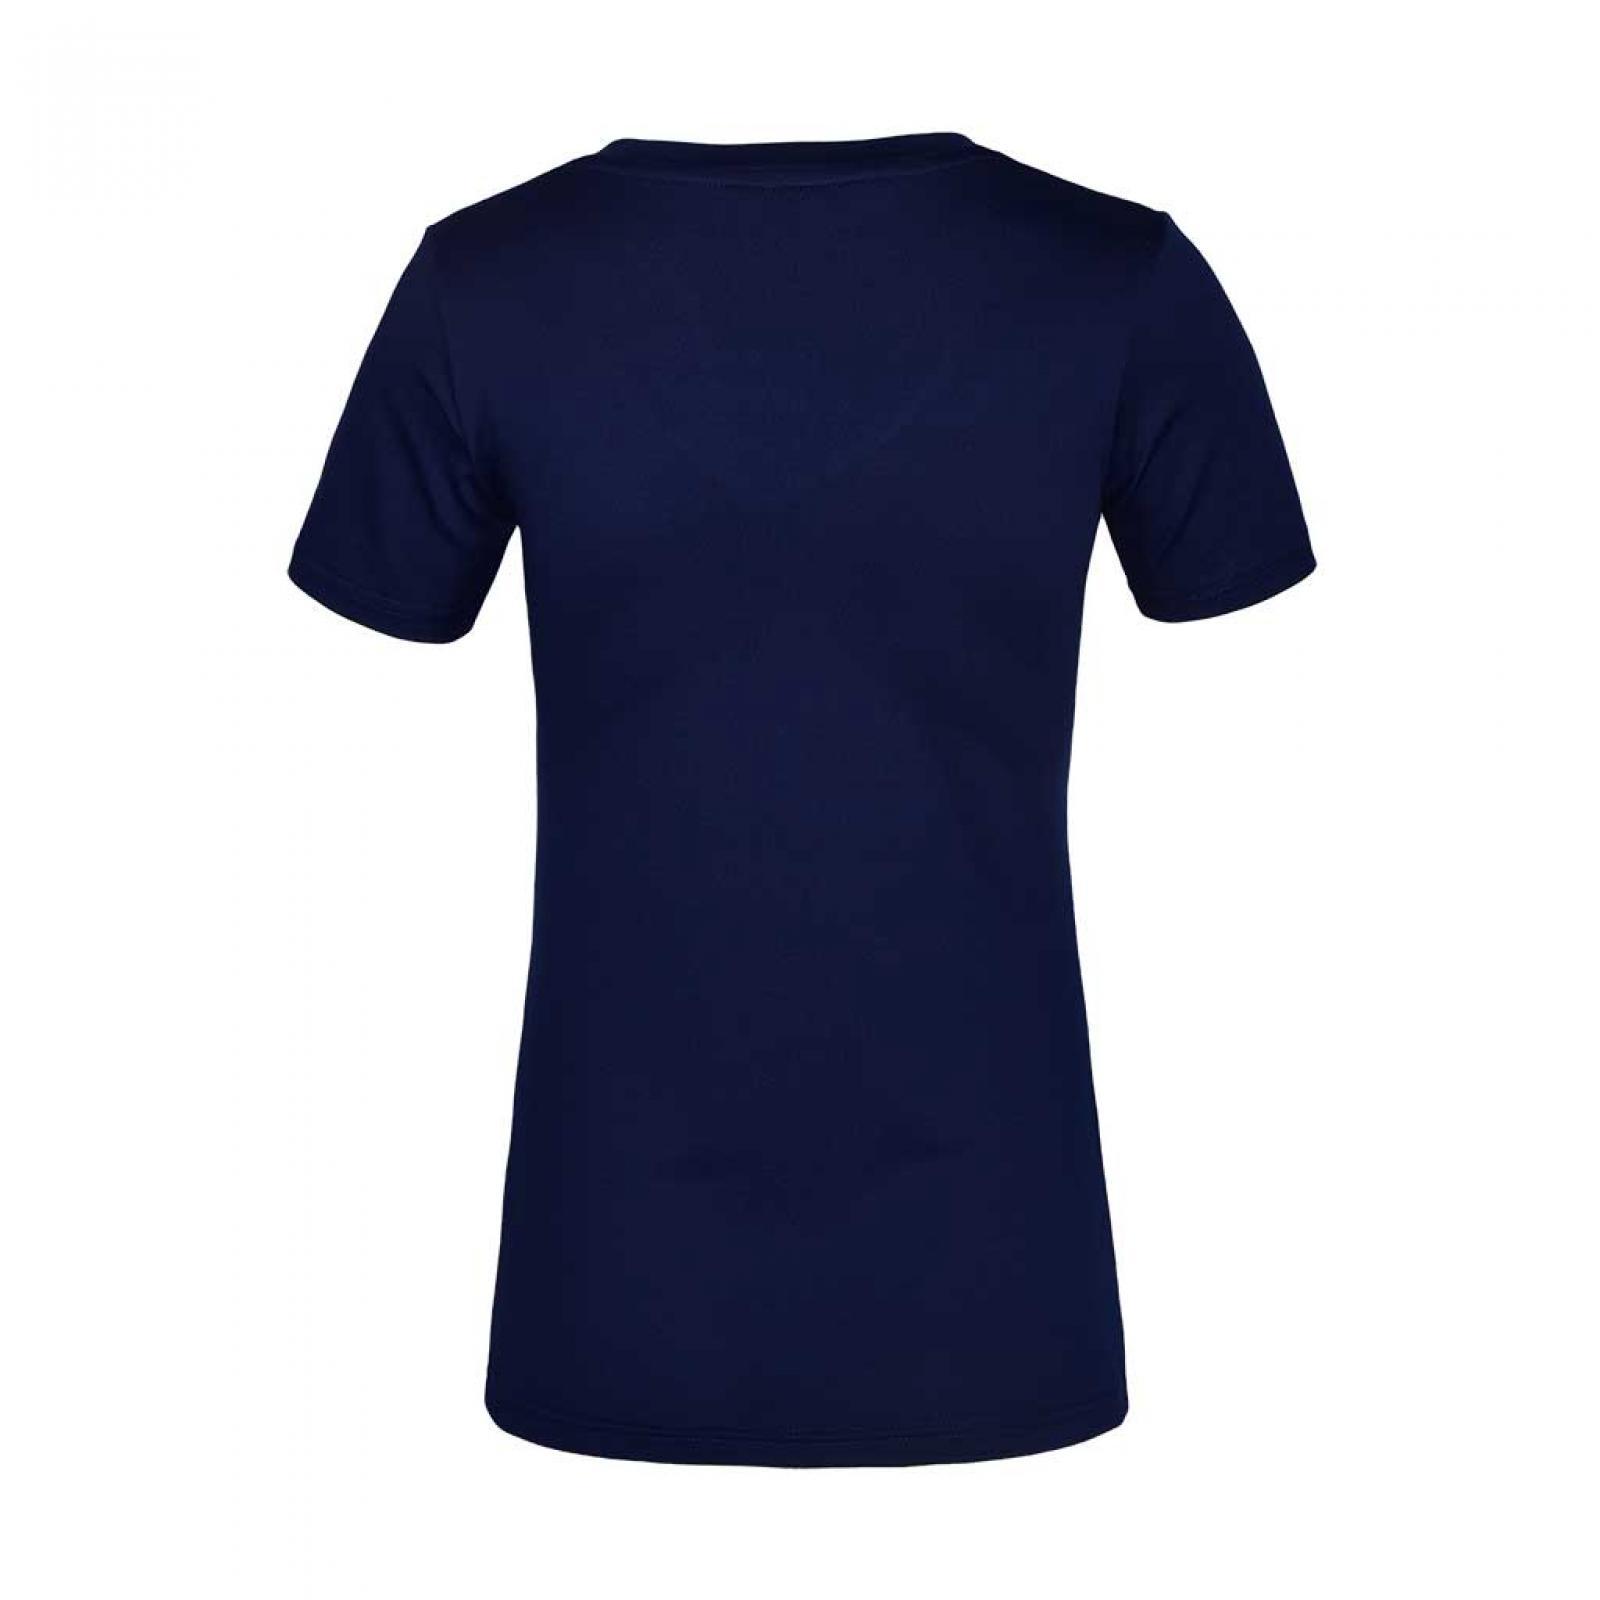 Kingsland Luna Navy T-Shirt